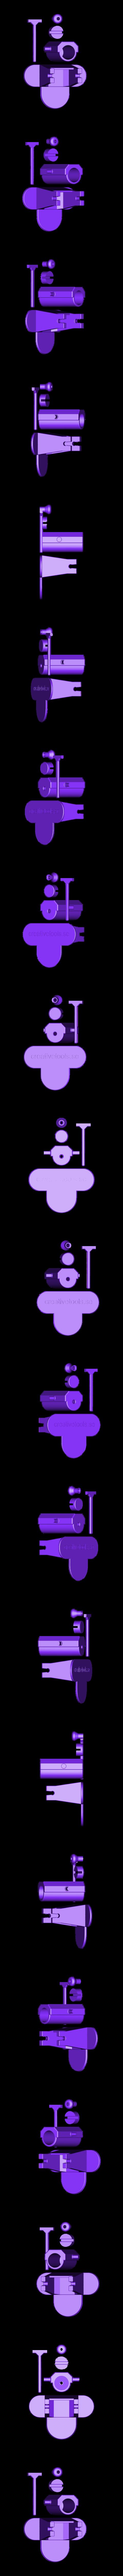 Cannon_Assembly_(Modular Castle Playset - 3D-printable)_By_CreativeTools.se.stl Télécharger fichier STL gratuit Plateau modulaire de château (imprimable en 3D) • Modèle à imprimer en 3D, CreativeTools